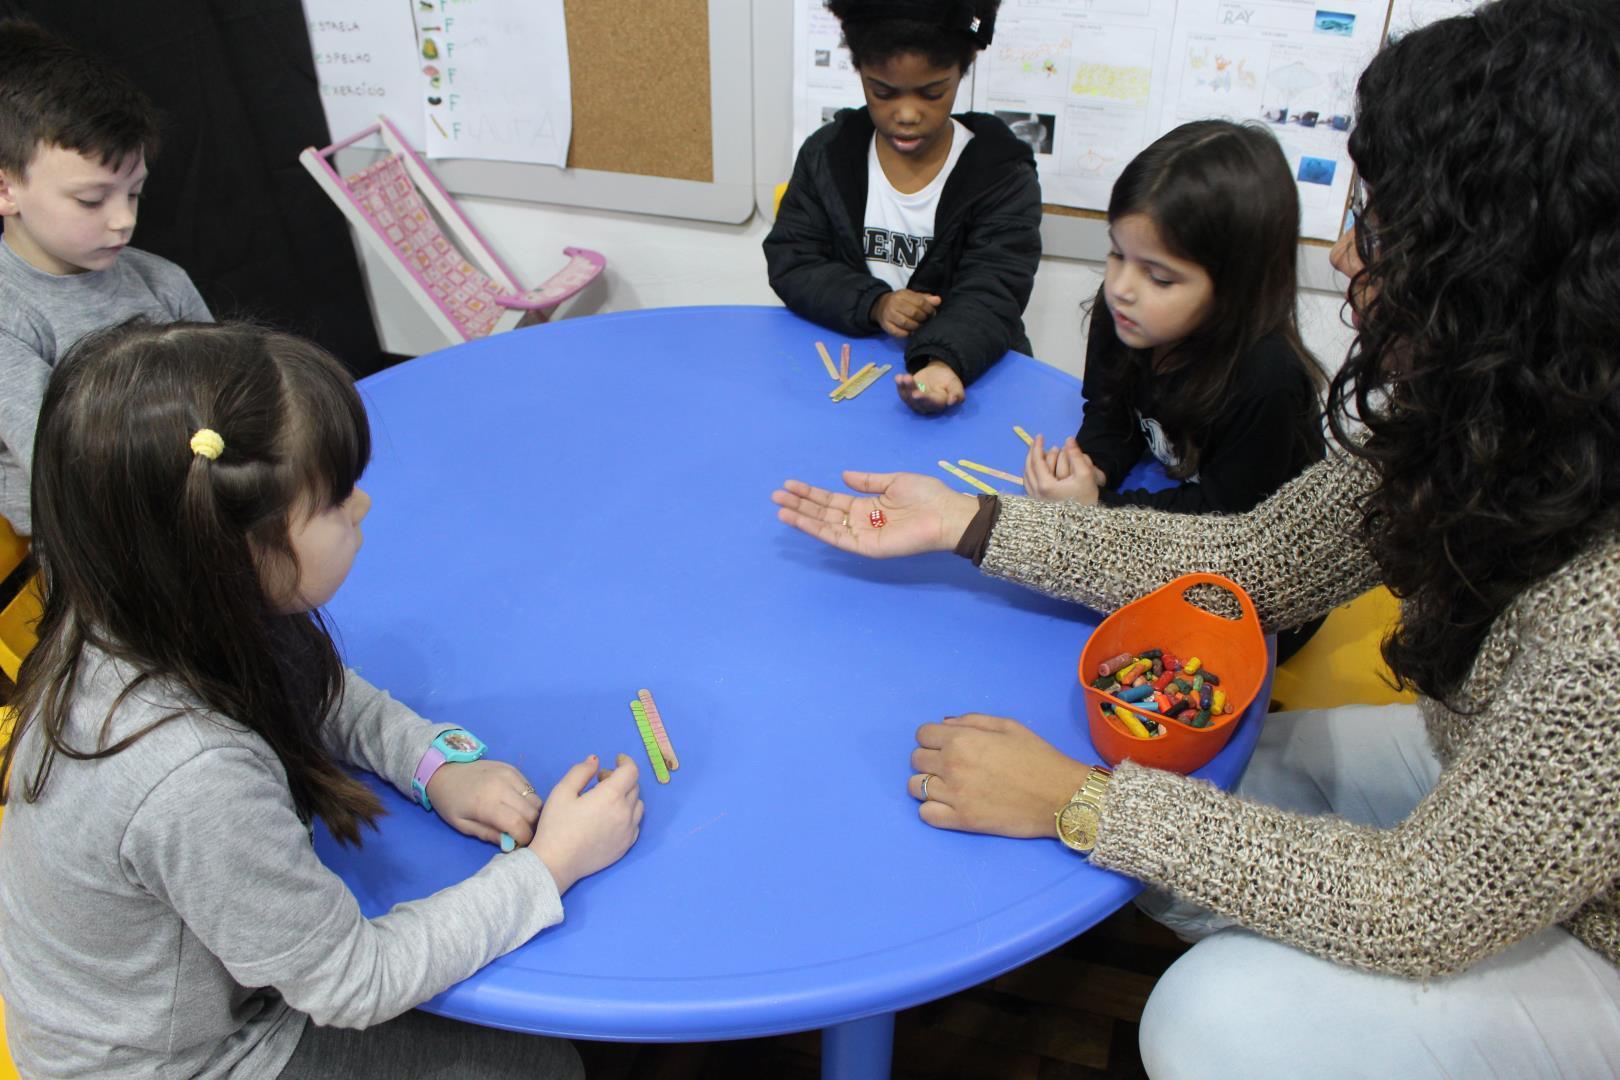 Crianças do Currículo Bilíngue da IENH desenvolvem raciocínio lógico-matemático com desafio